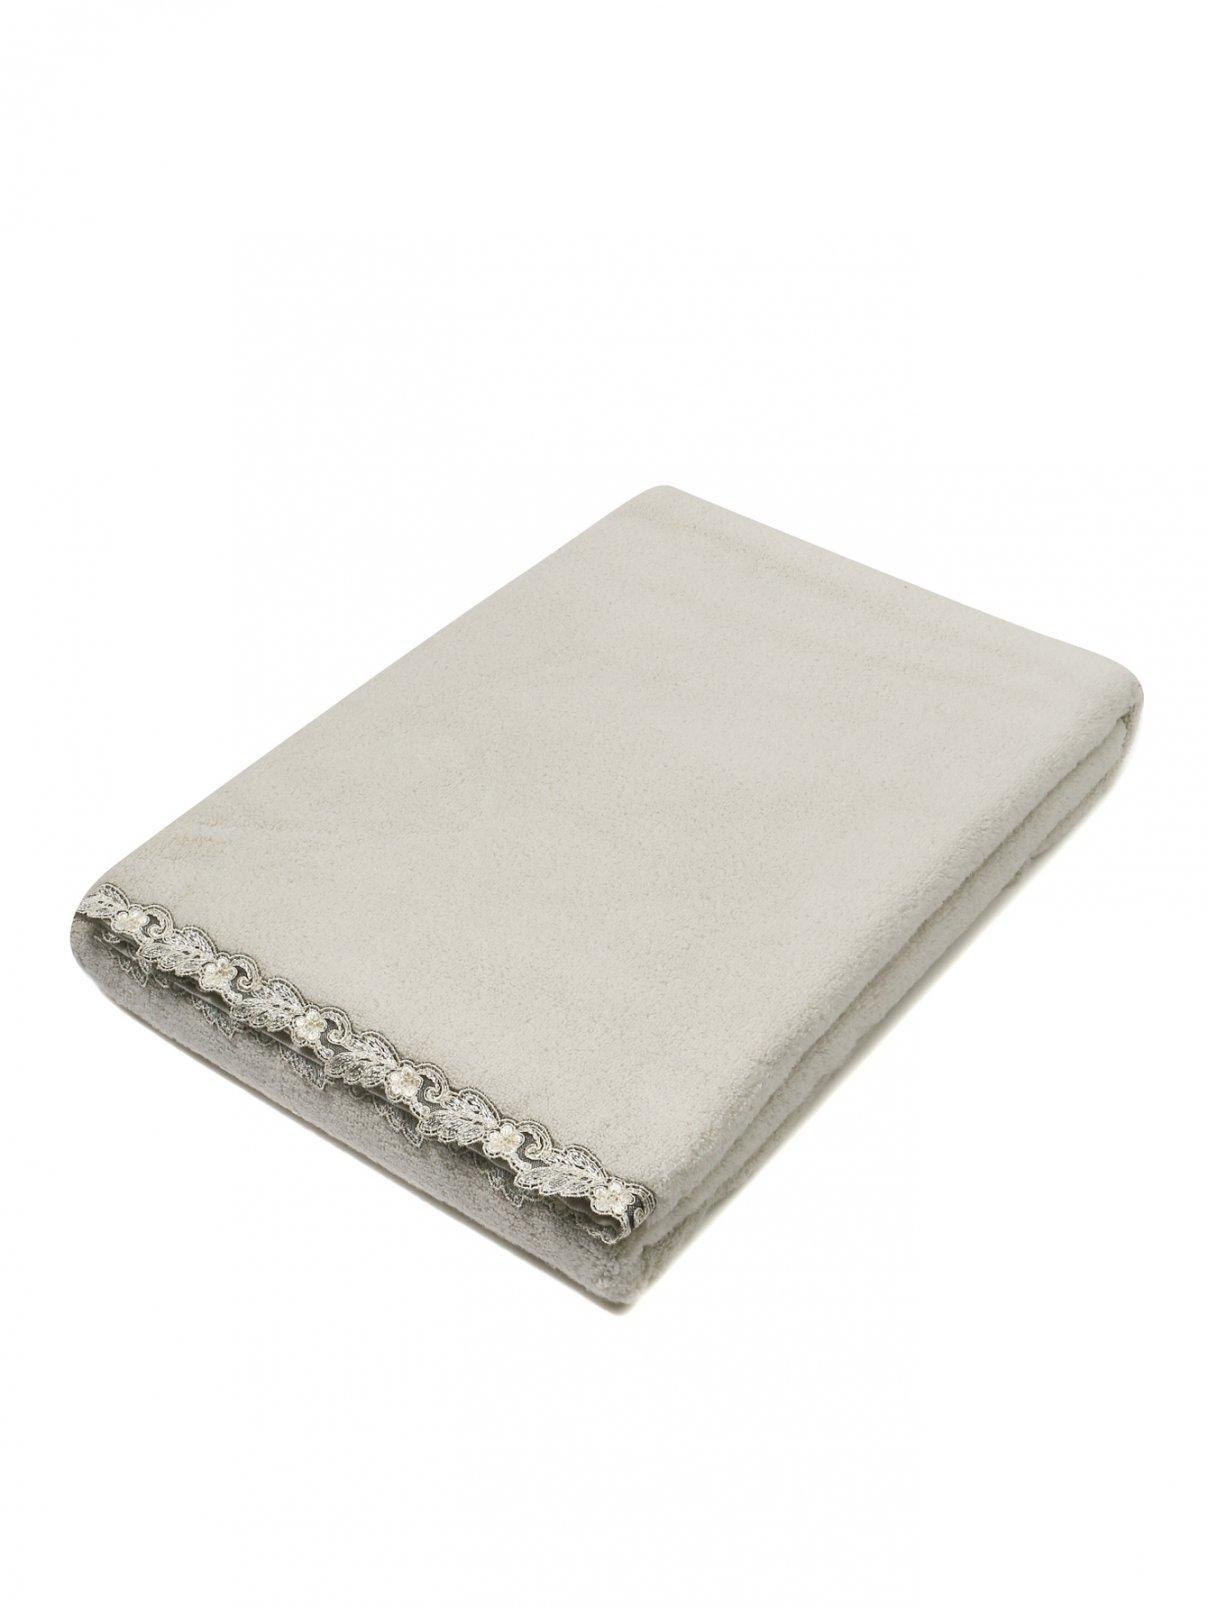 Полотенце из хлопковой махровой ткани с кружевным кантом 100 x 150 La Perla  –  Общий вид